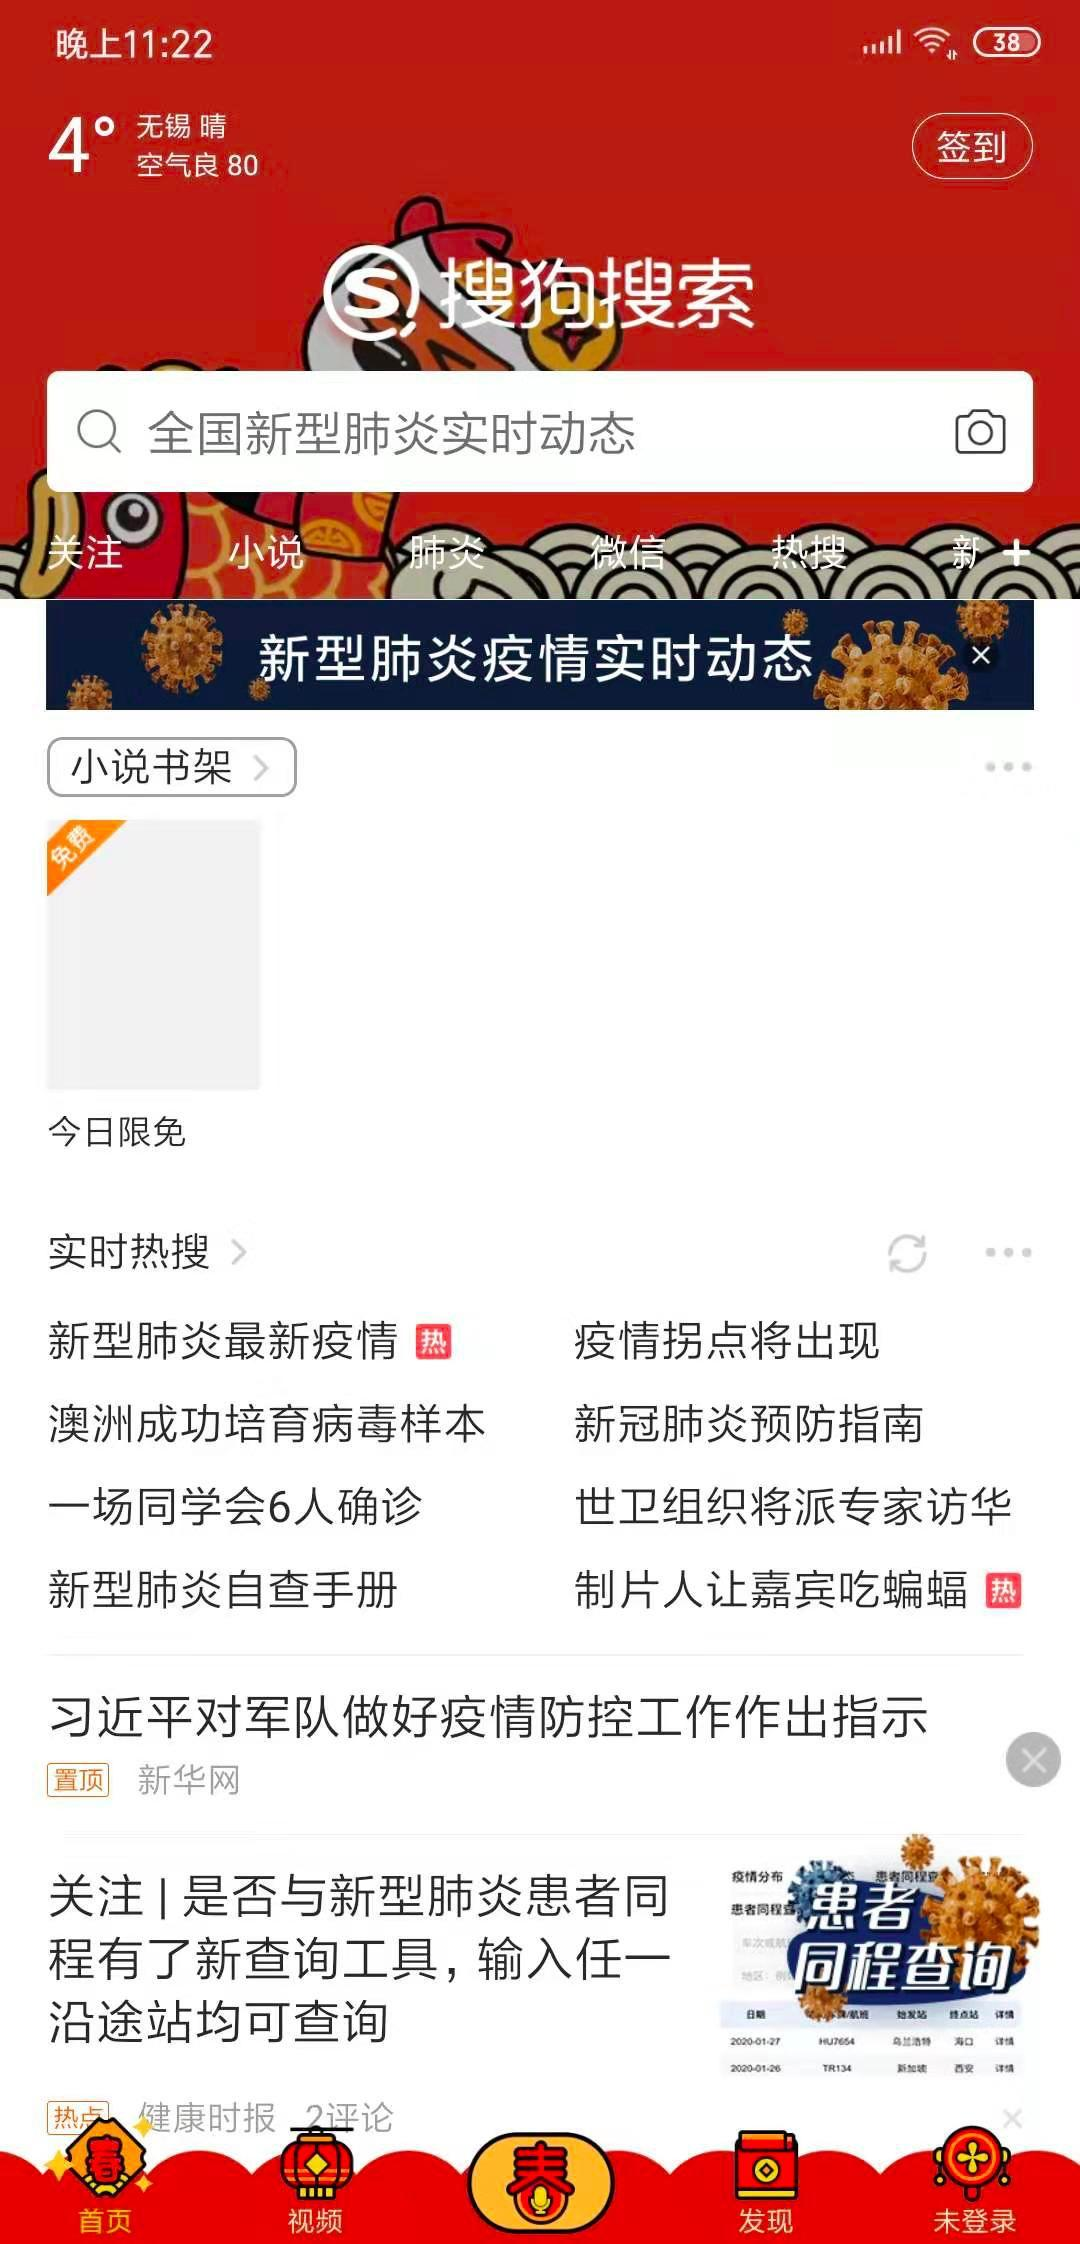 丁香医生VS搜狗:疫情动态哪家强?